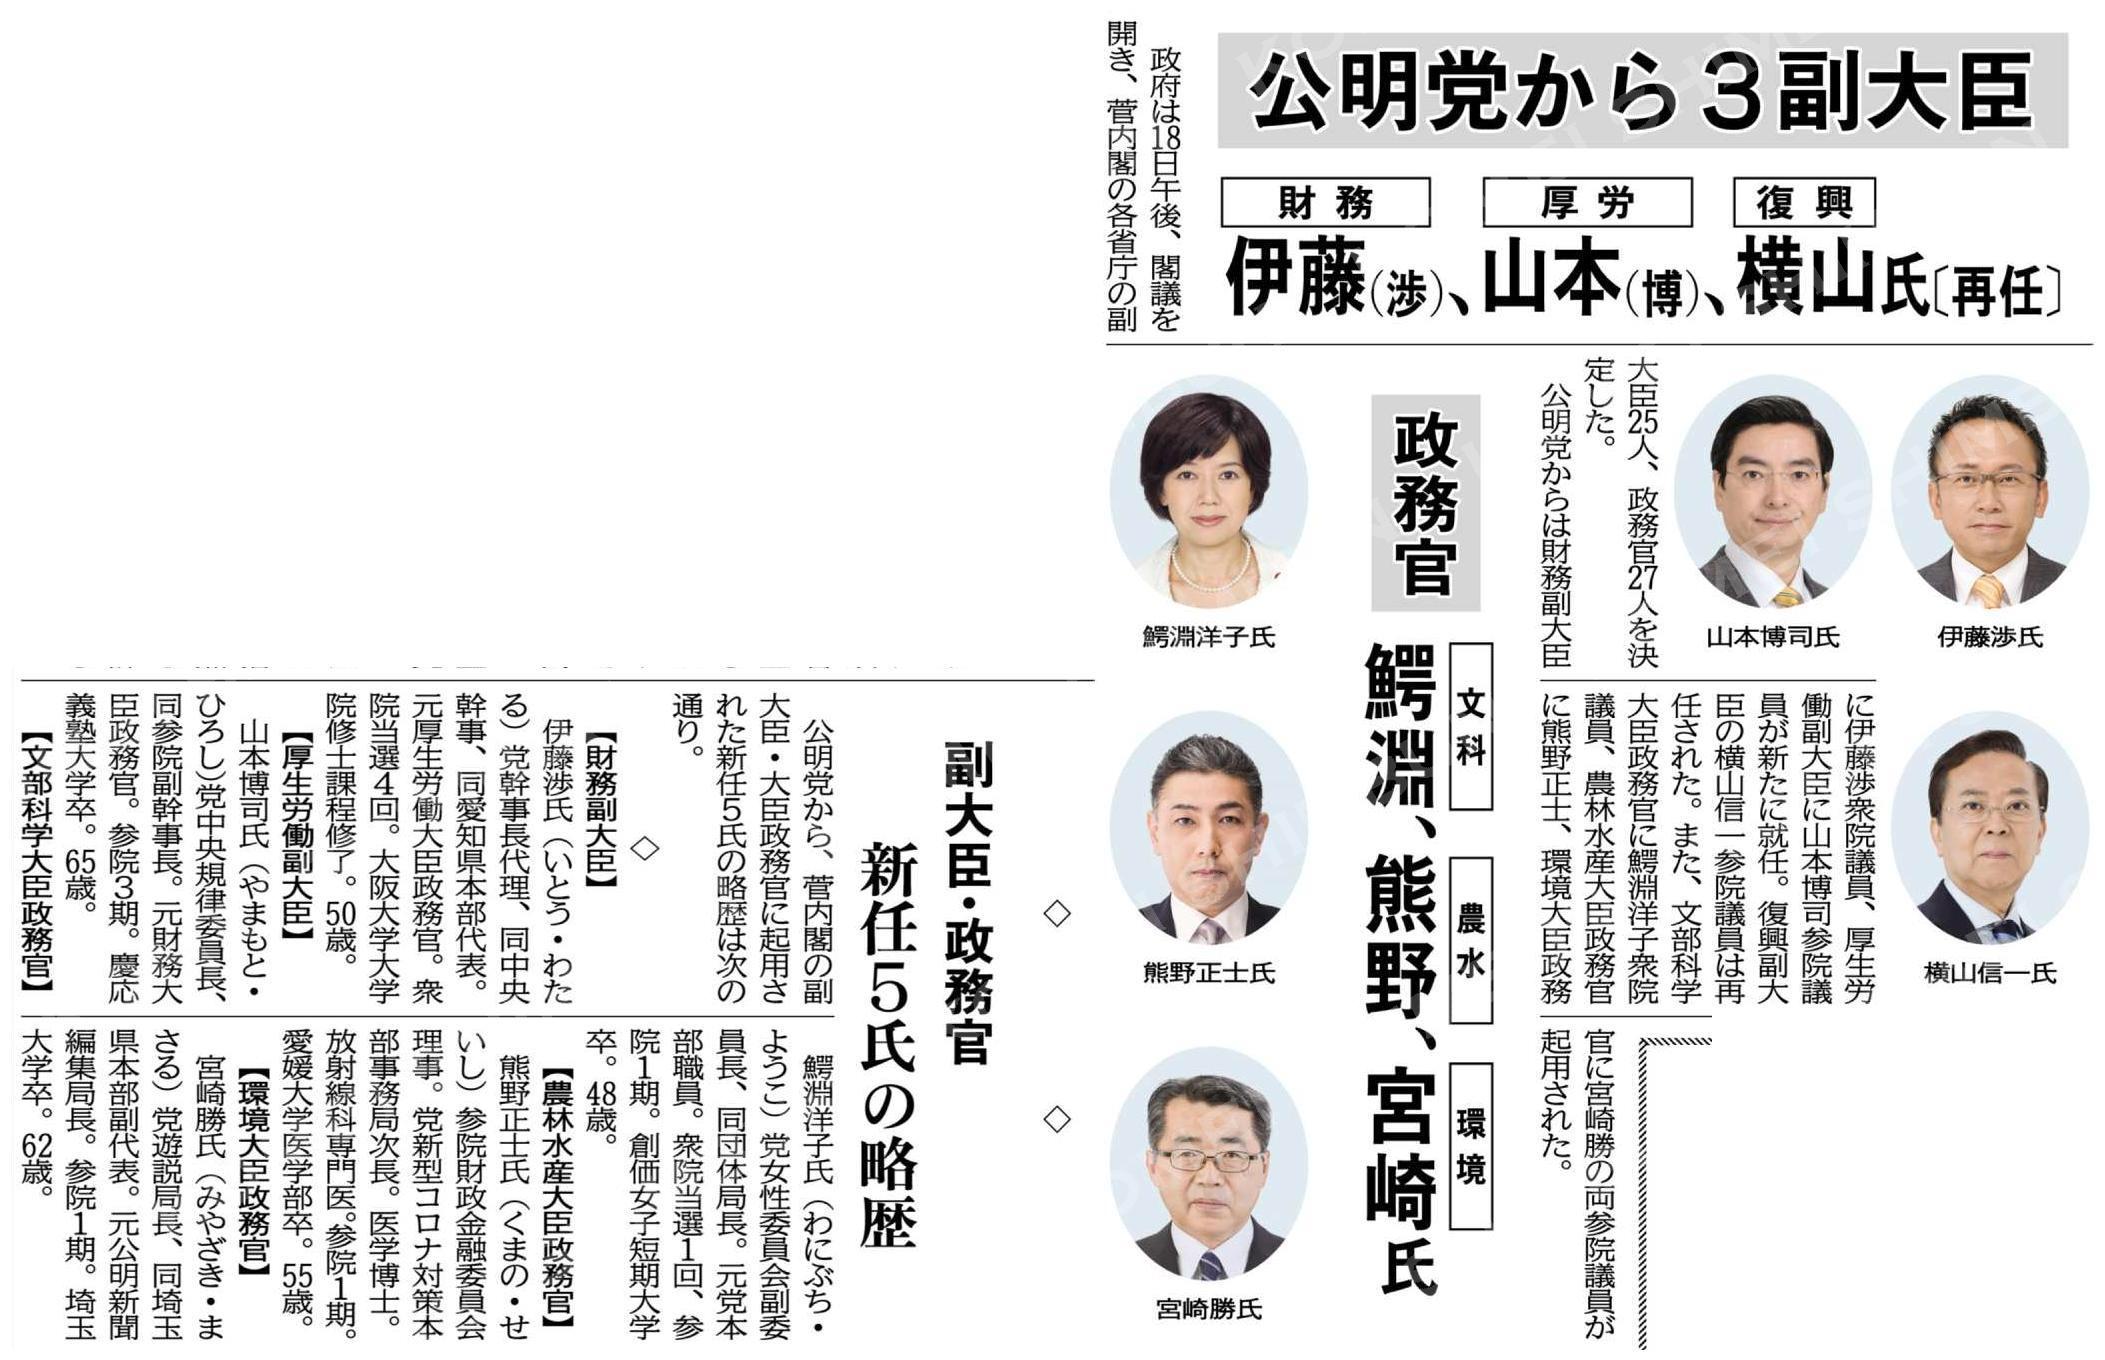 公明党から3副大臣/財務=伊藤(渉)、厚労=山本(博)、復興=横山氏〔再任〕